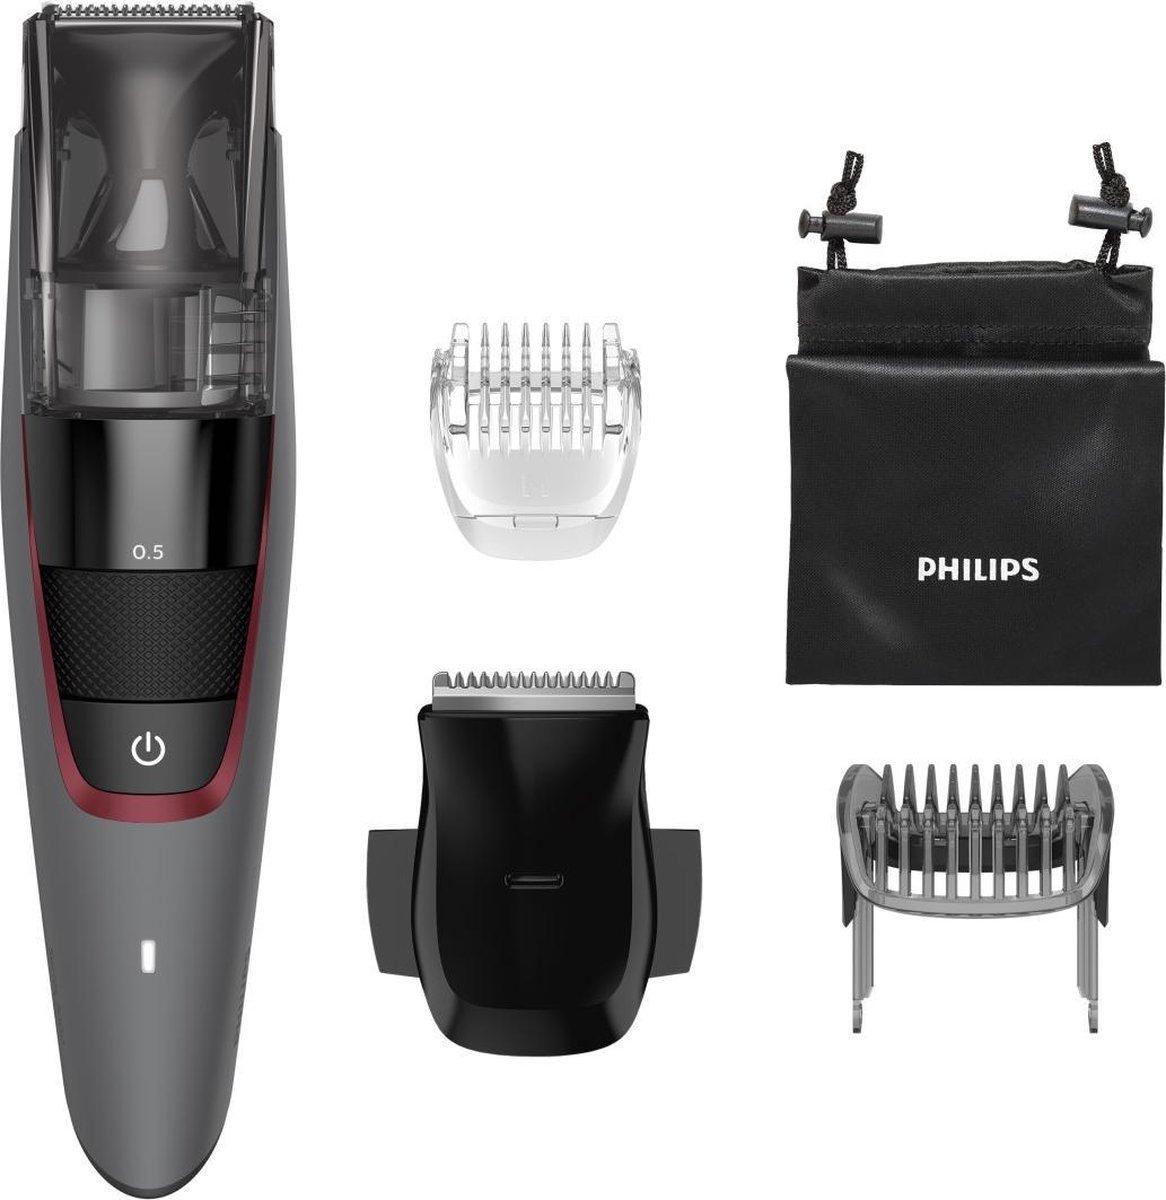 Philips baardtrimmer met accessoires